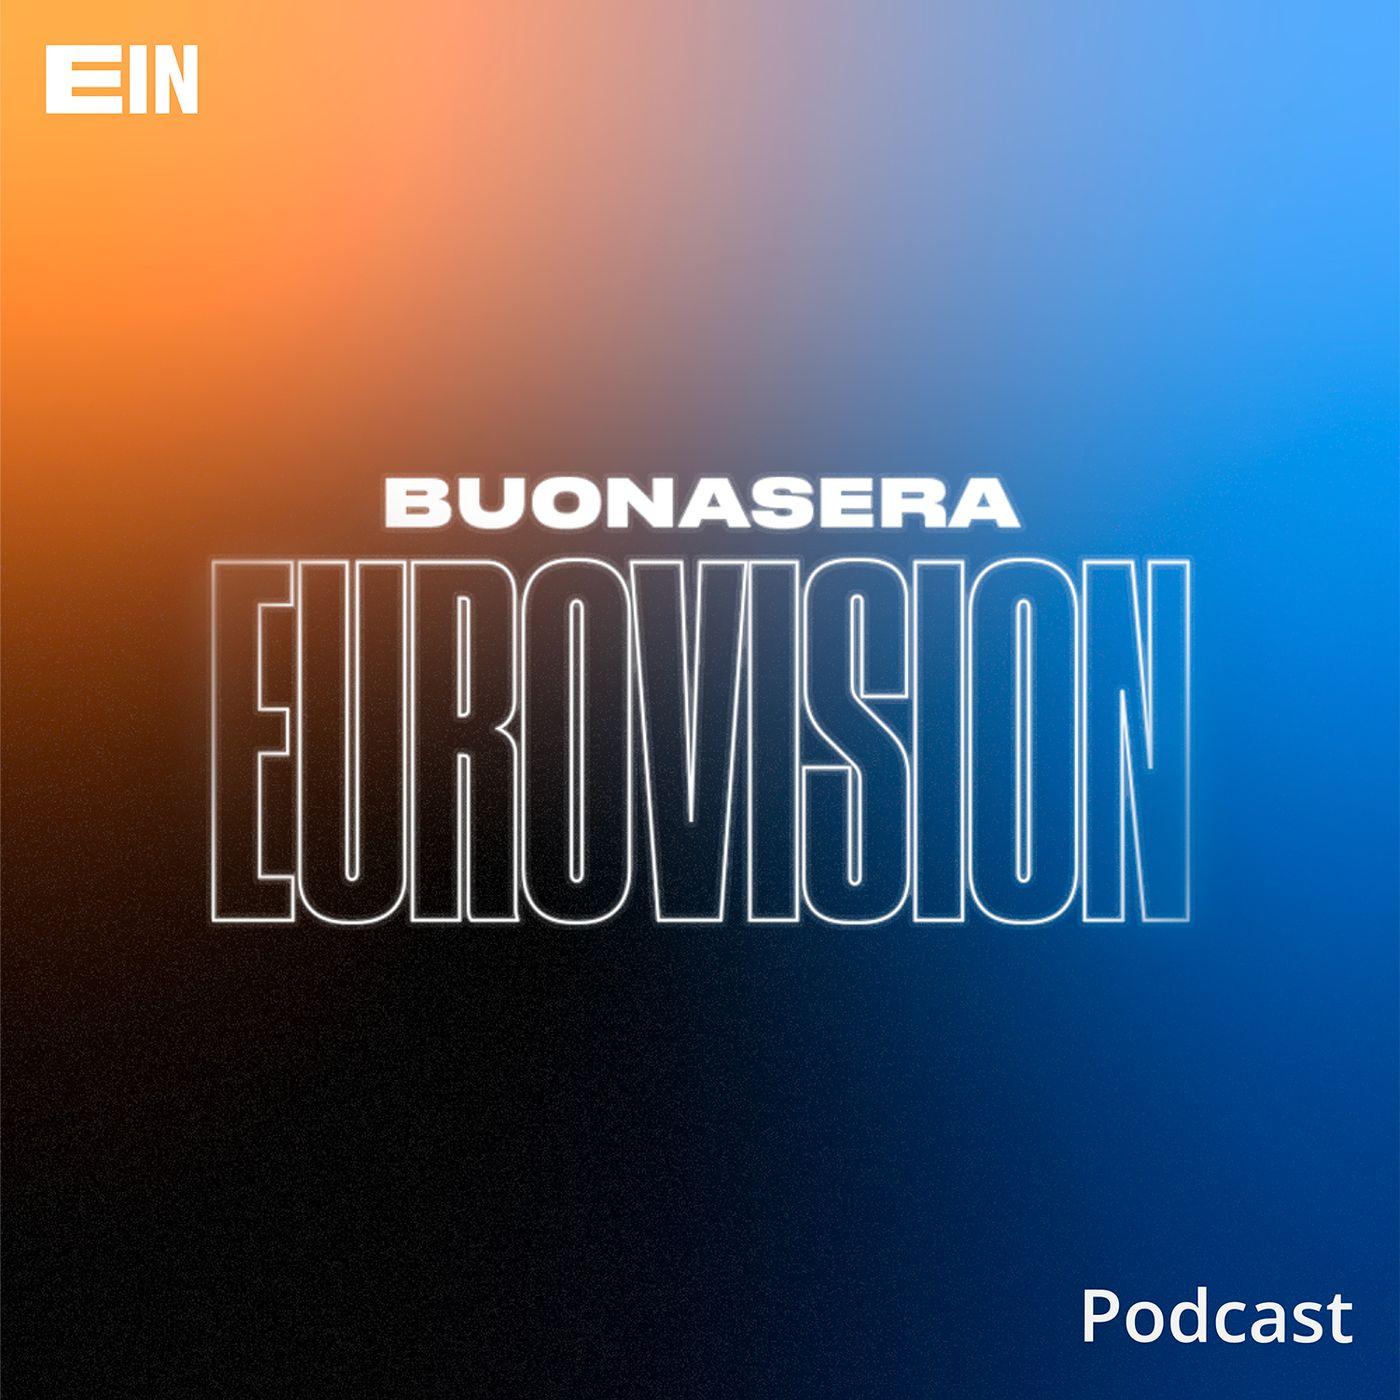 S01.E05 Nel backstage di Eurovision